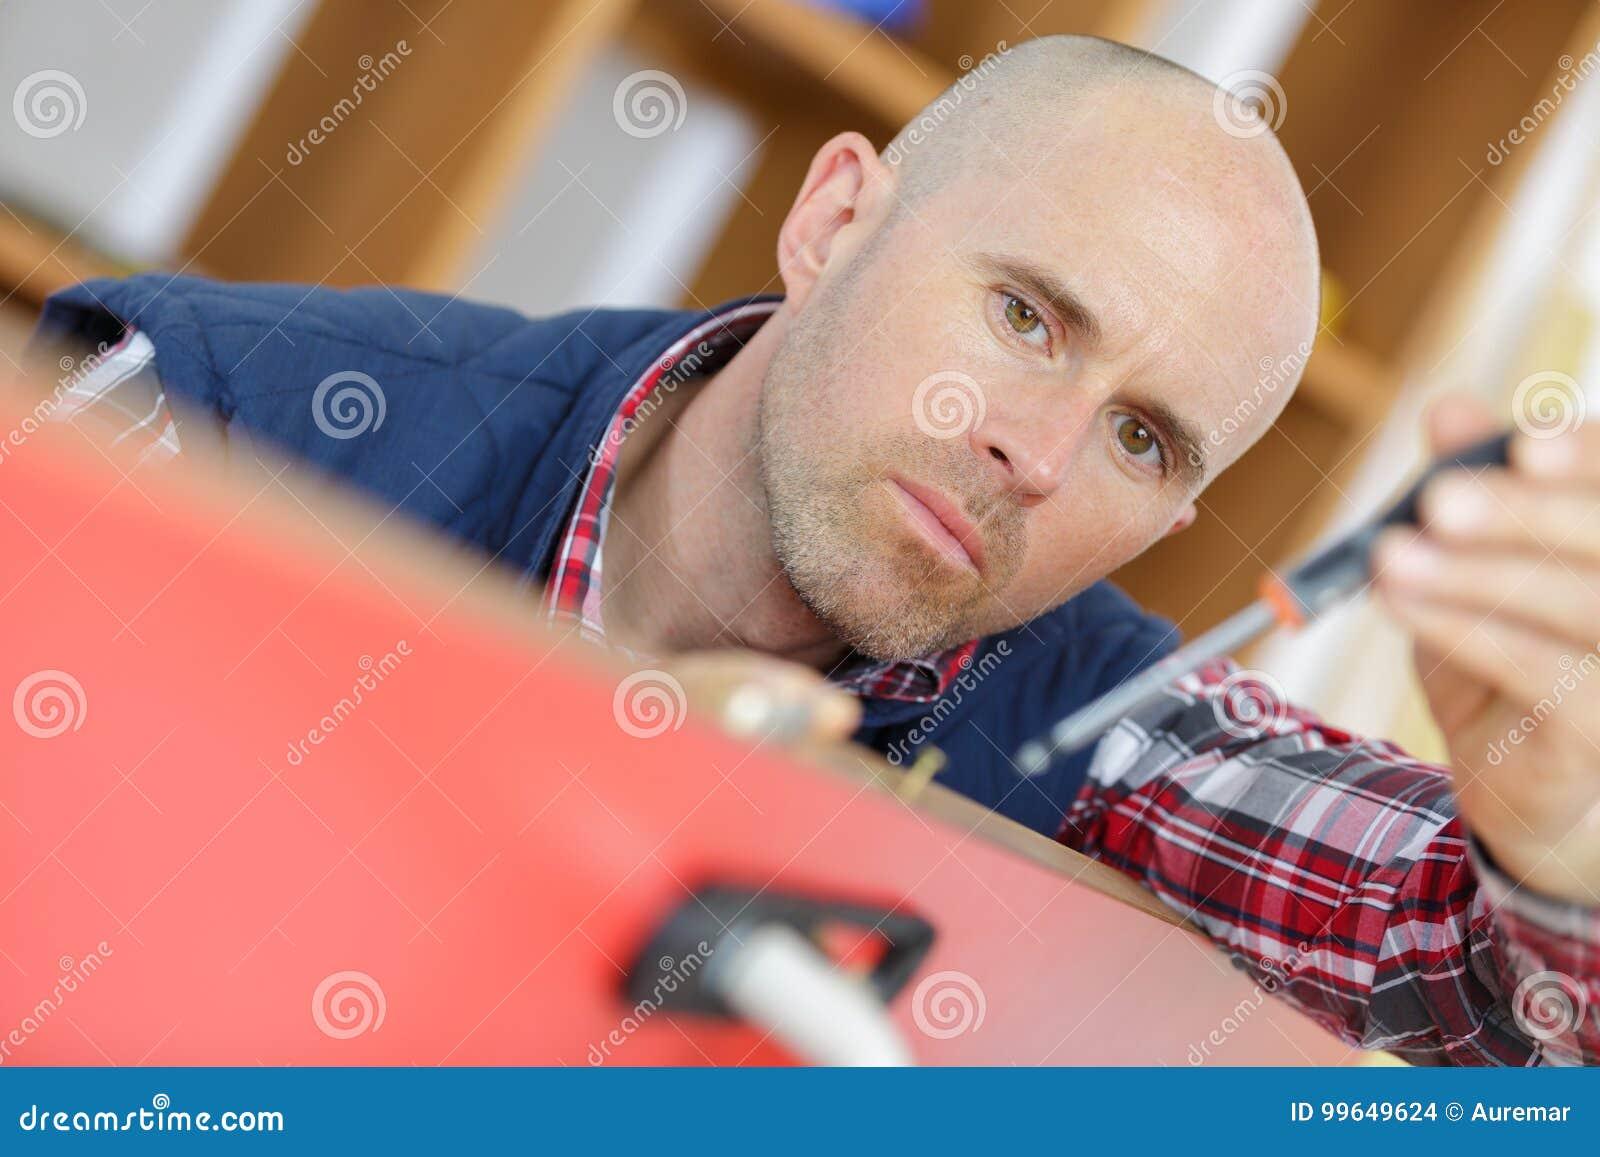 安装或修理新的deadbolt锁的专业锁匠